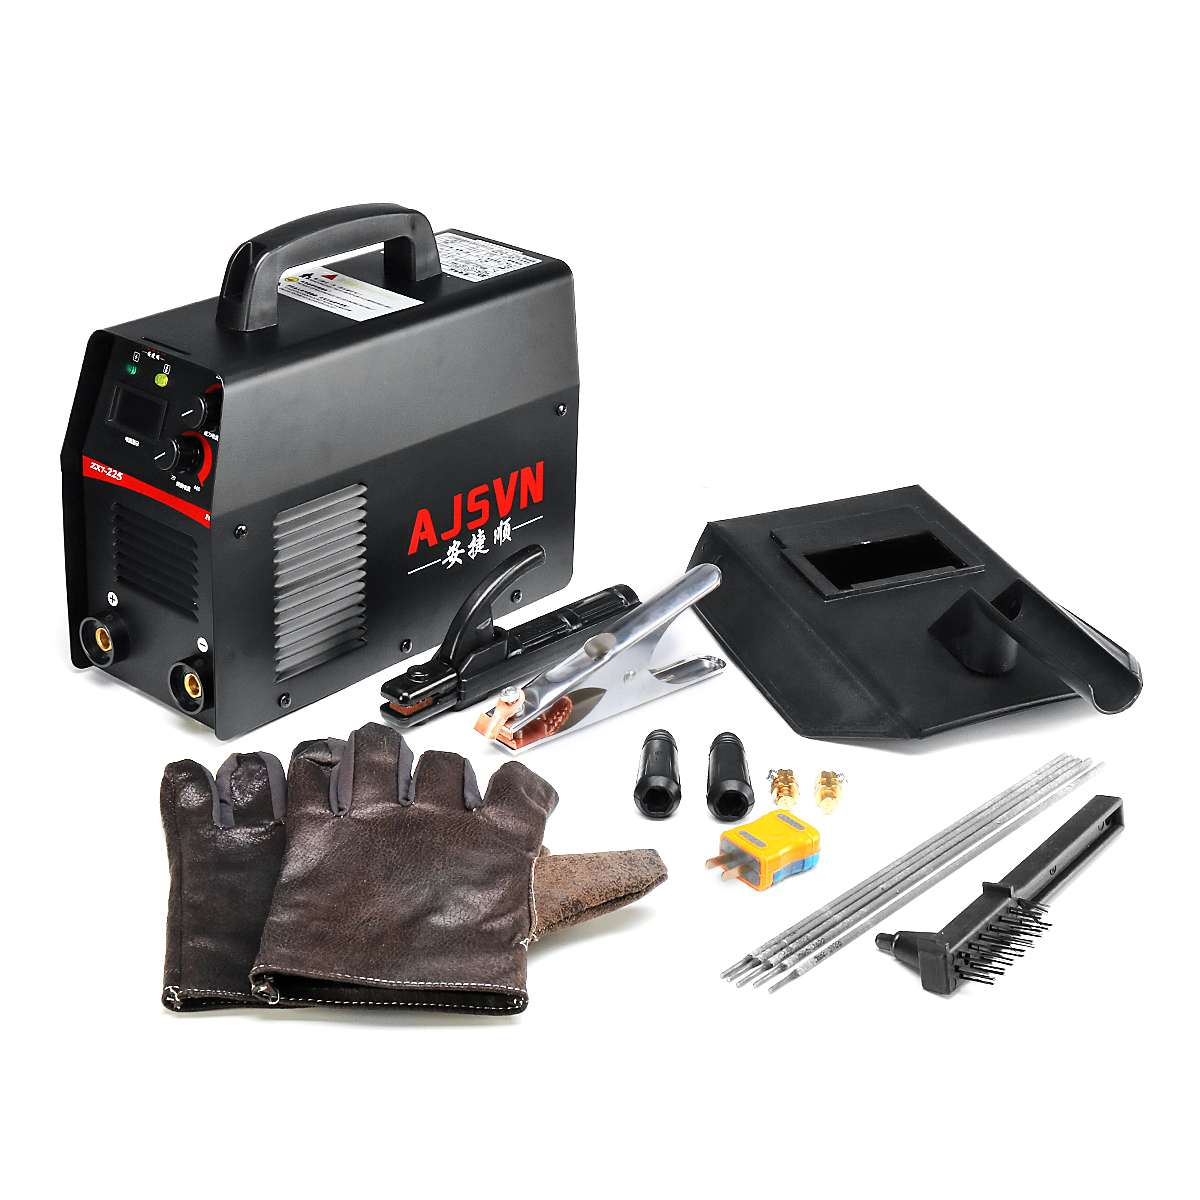 20A-225A 5000 W ręczny falownika IGBT spawacz łukowy-SPAWARKA wyświetlacz cyfrowy Mini przenośne narzędzie spawalnicze